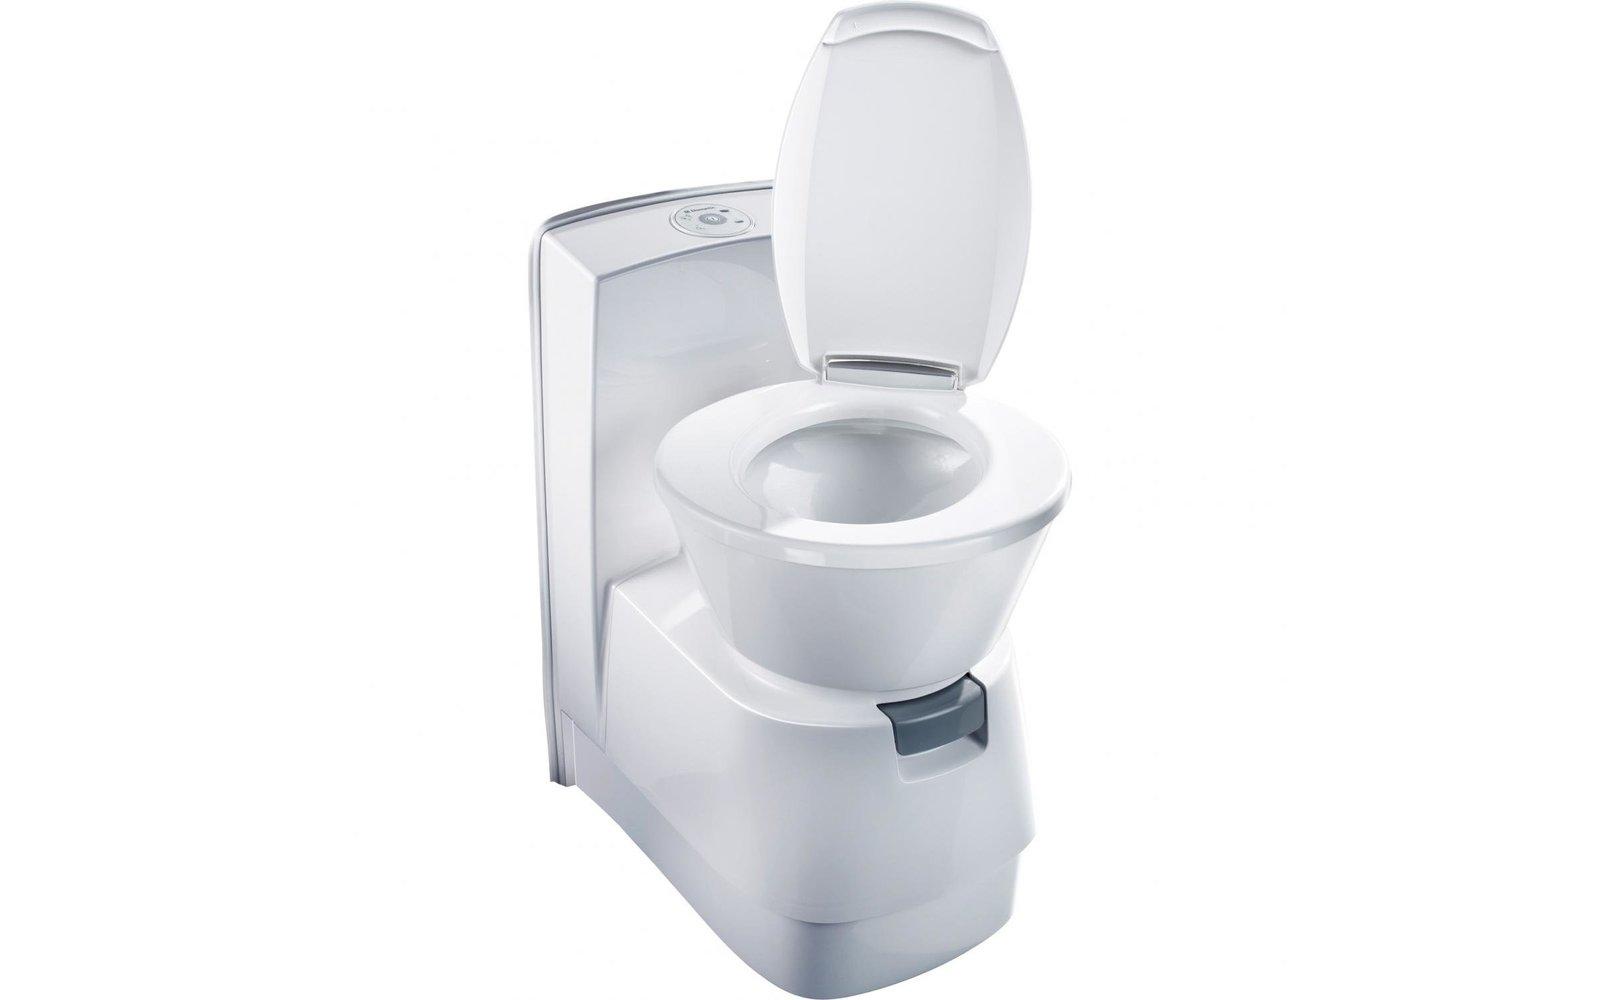 Dometic Toilette CTW 4110